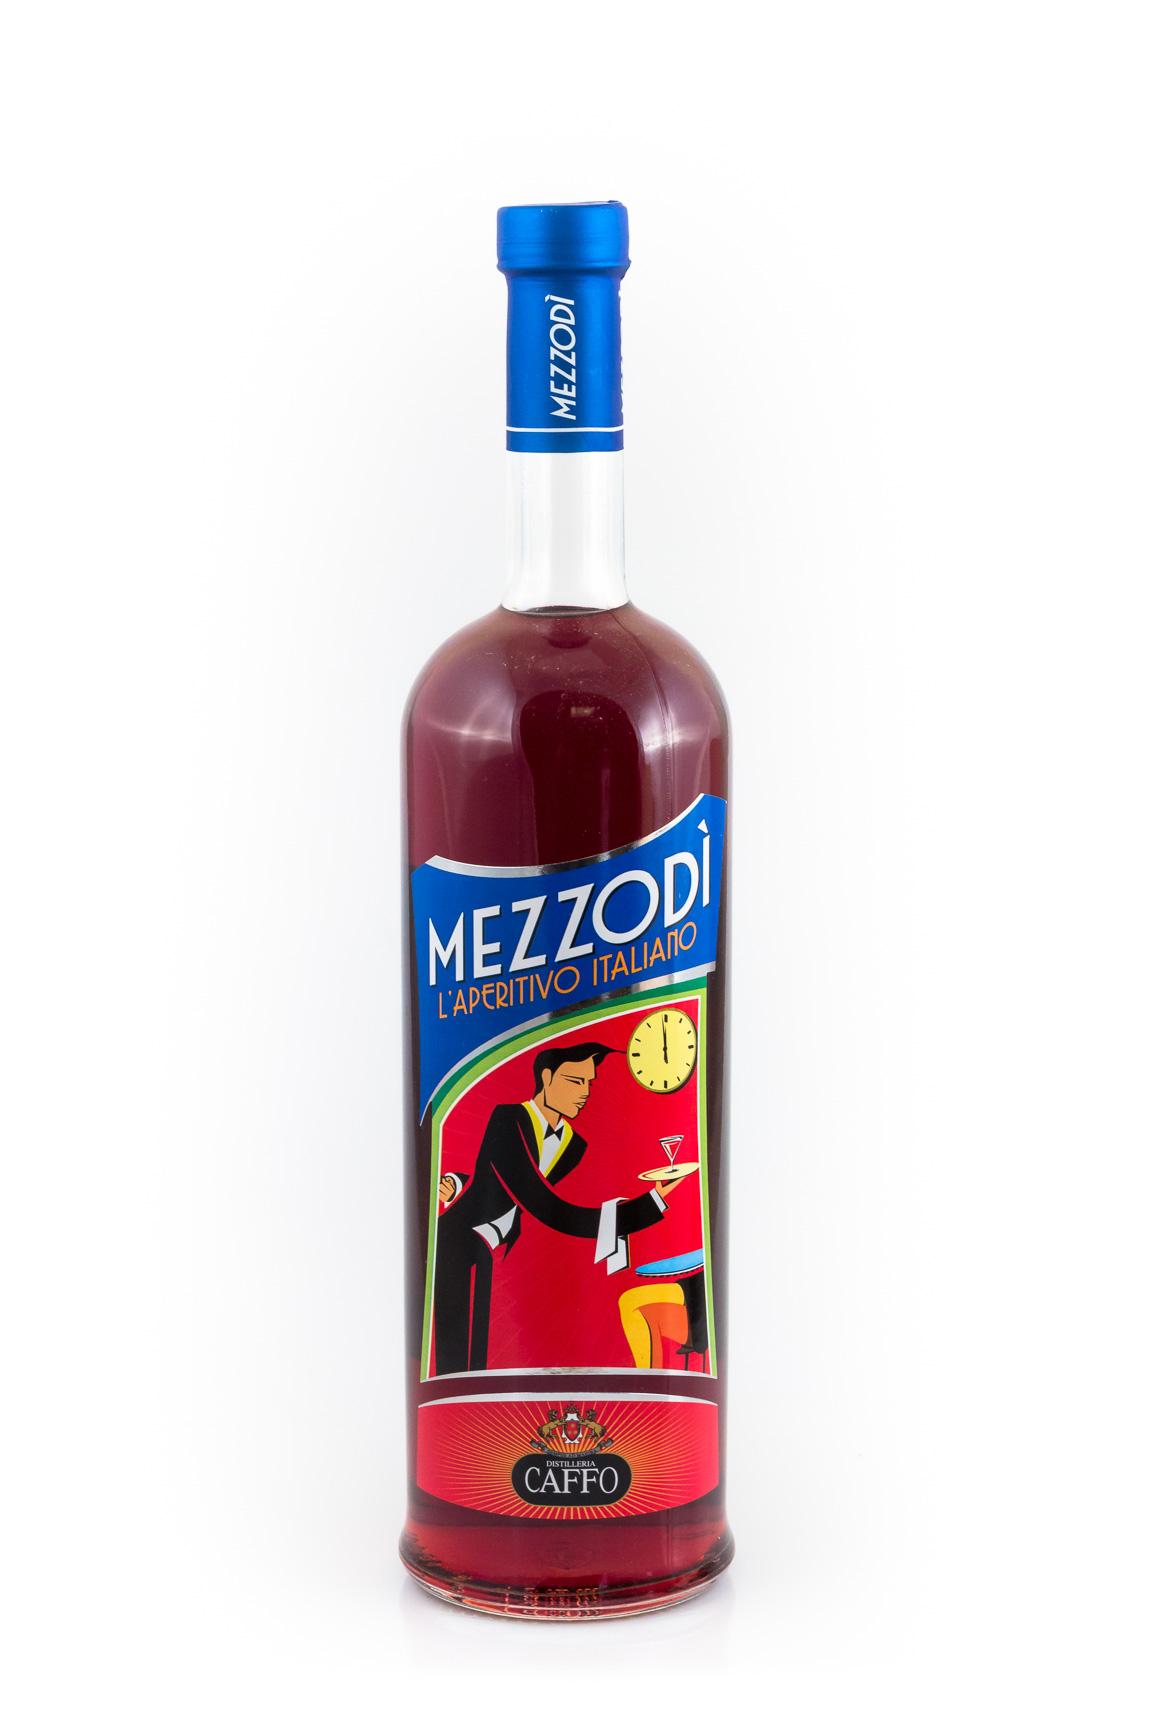 Caffo Mezzodi Aperitivo Ital... 1 Liter kaufen ab 11,96 € | CONALCO®